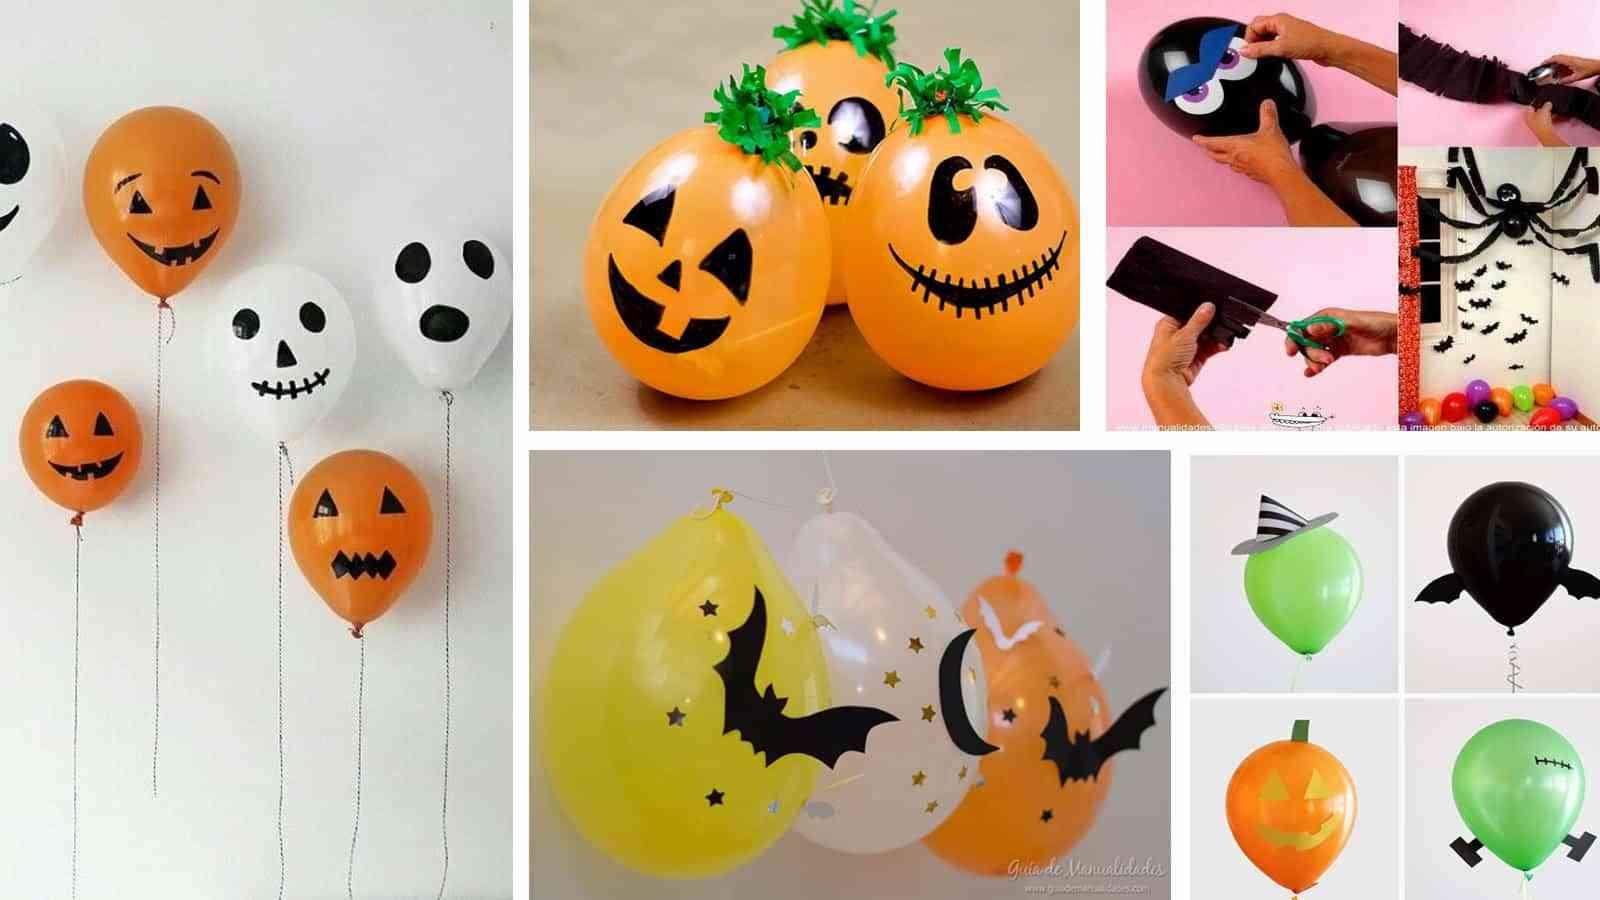 8 adornos para Halloween que puedes hacer t mismo